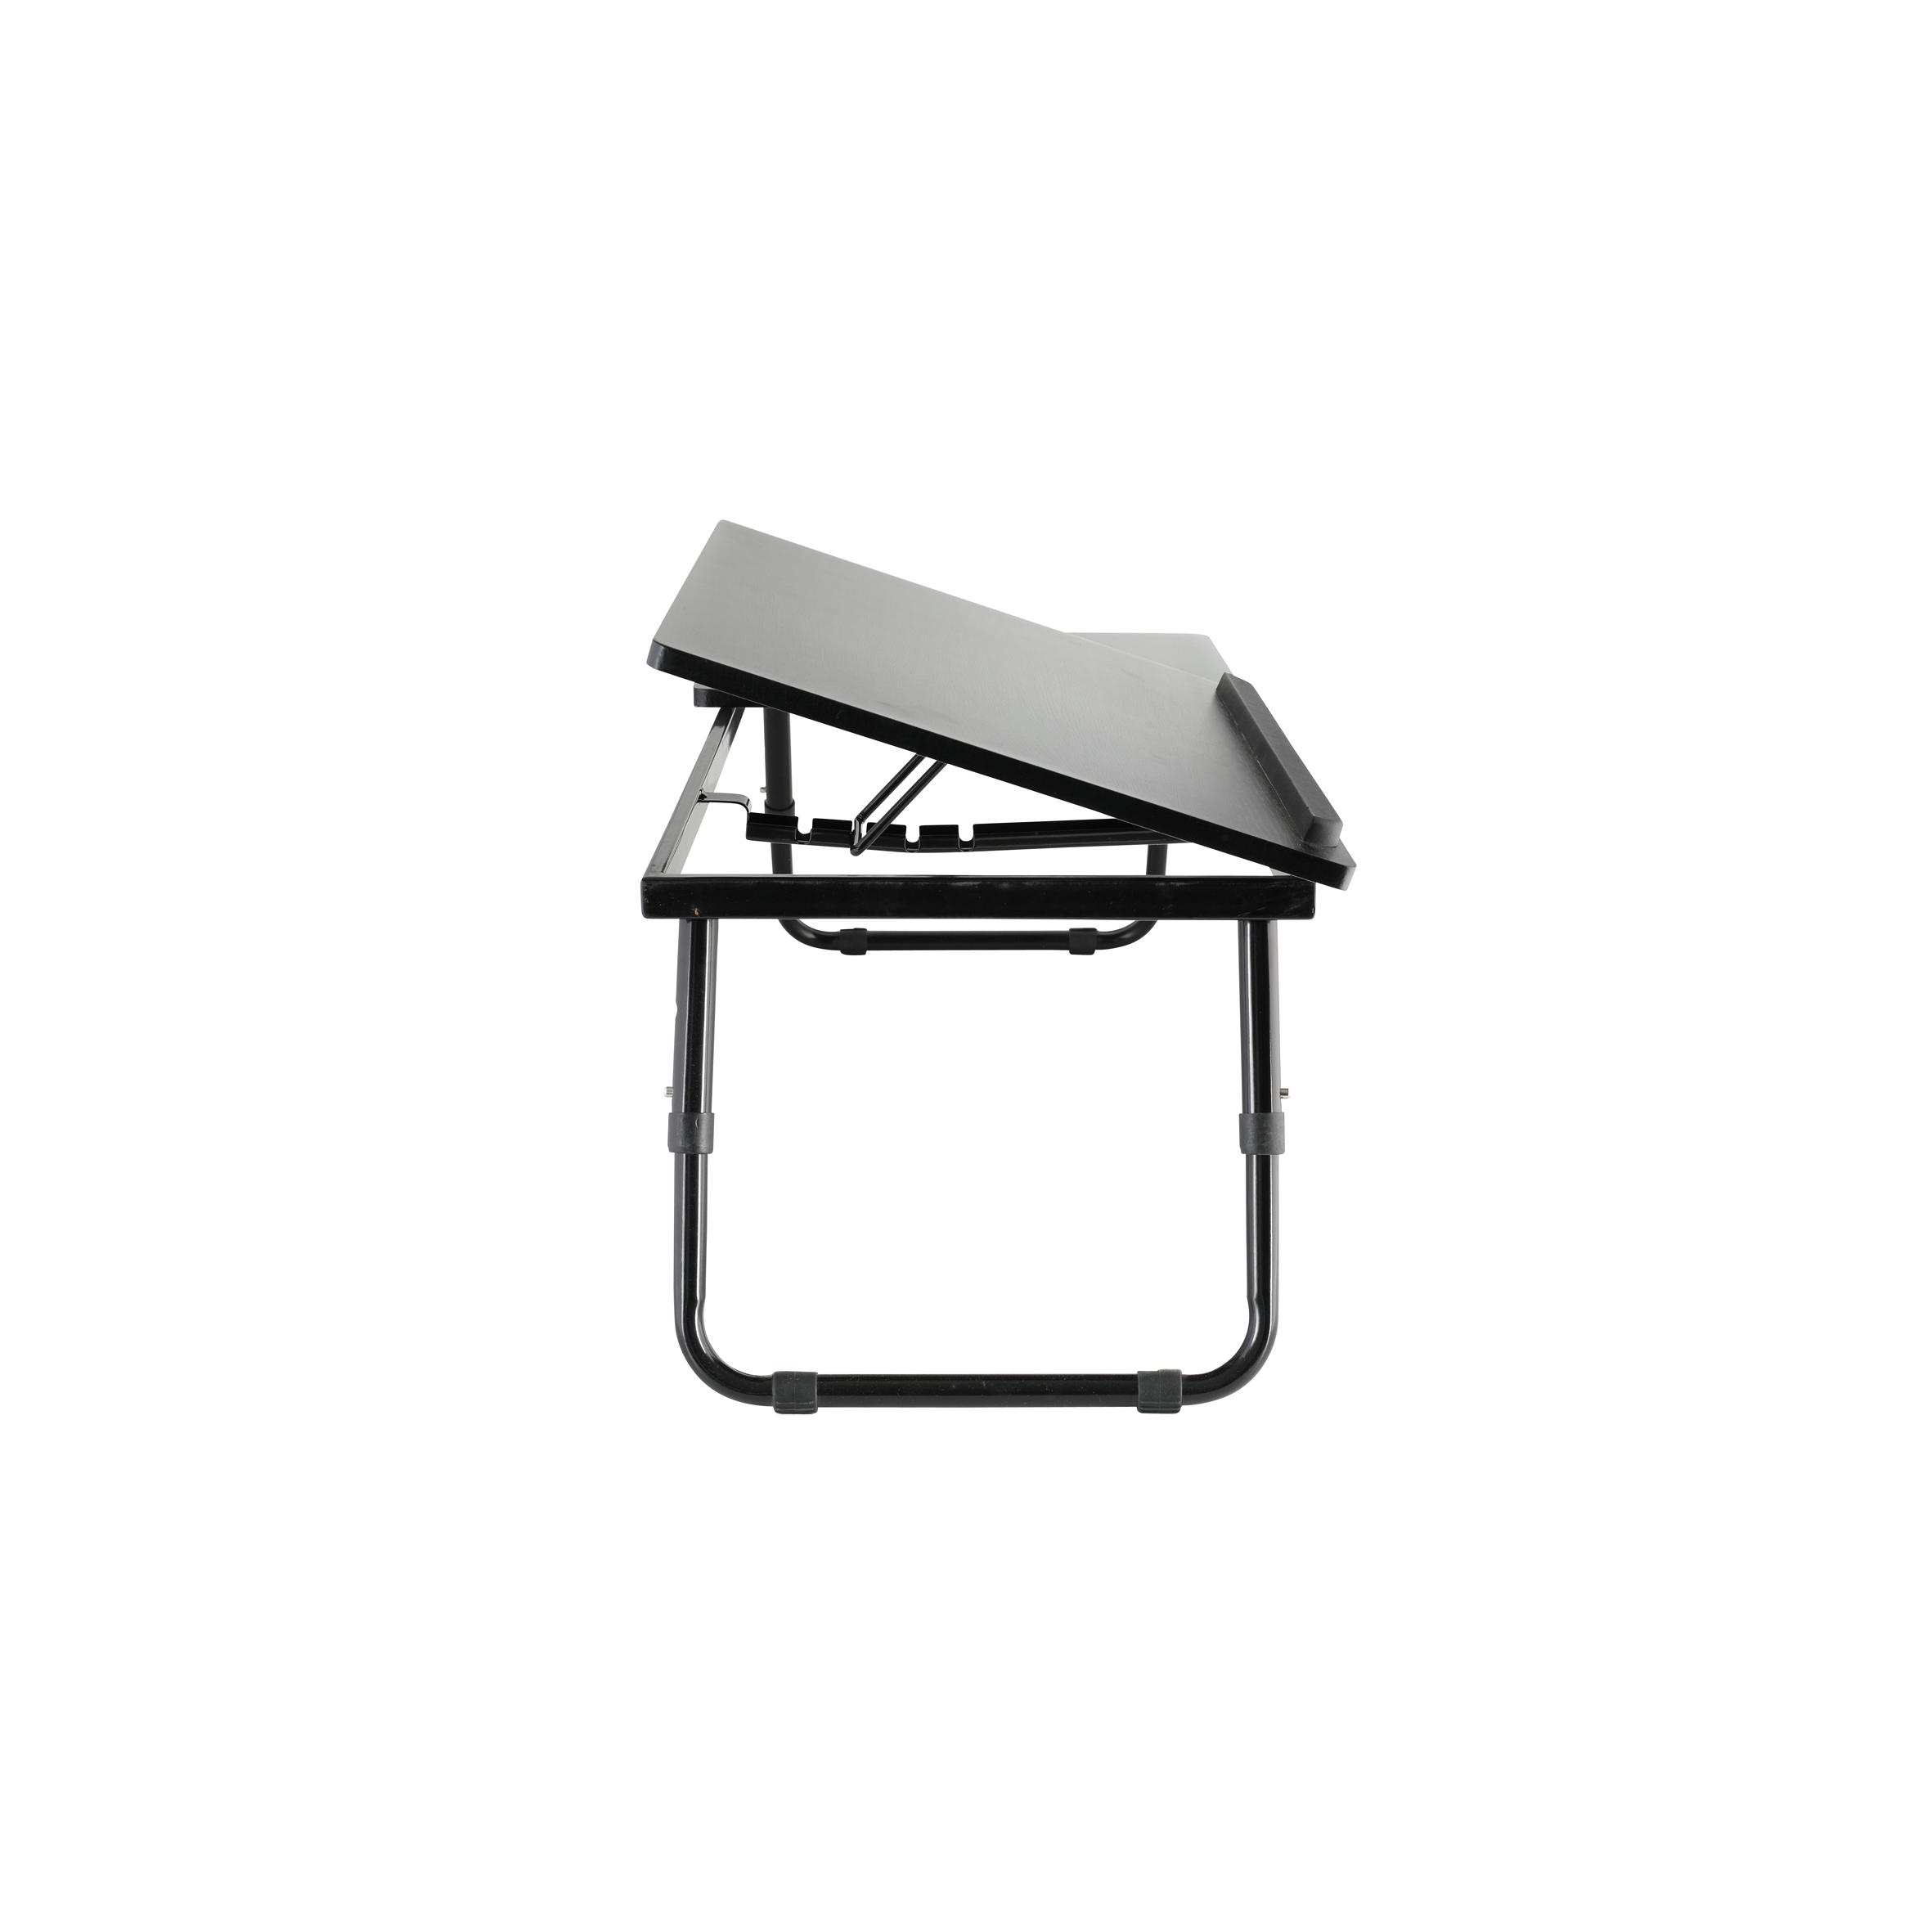 laptoptisch notebooktisch betttisch faltbar notebook laptop st nder holz ebay. Black Bedroom Furniture Sets. Home Design Ideas